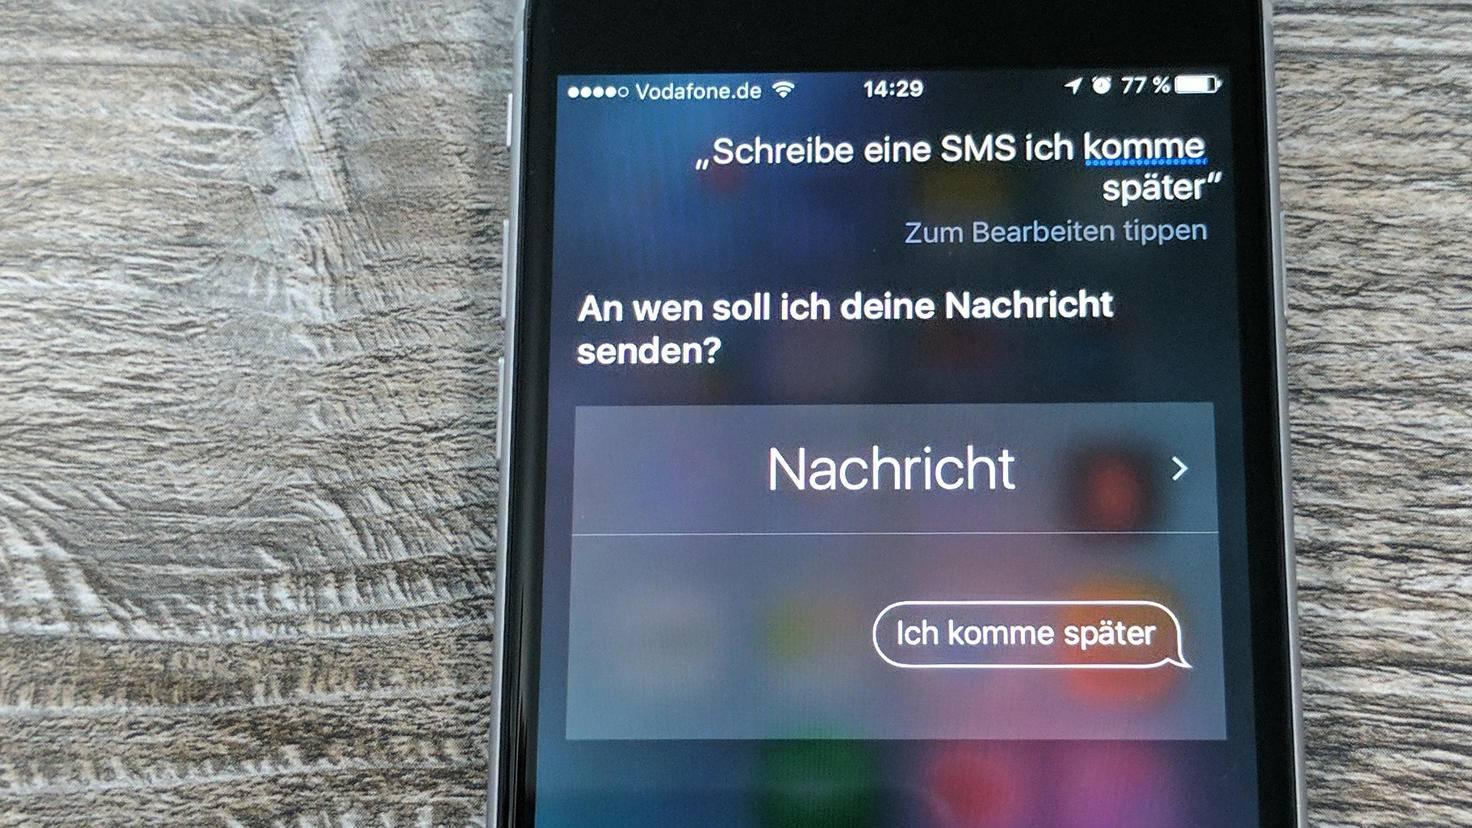 Siri Nachricht